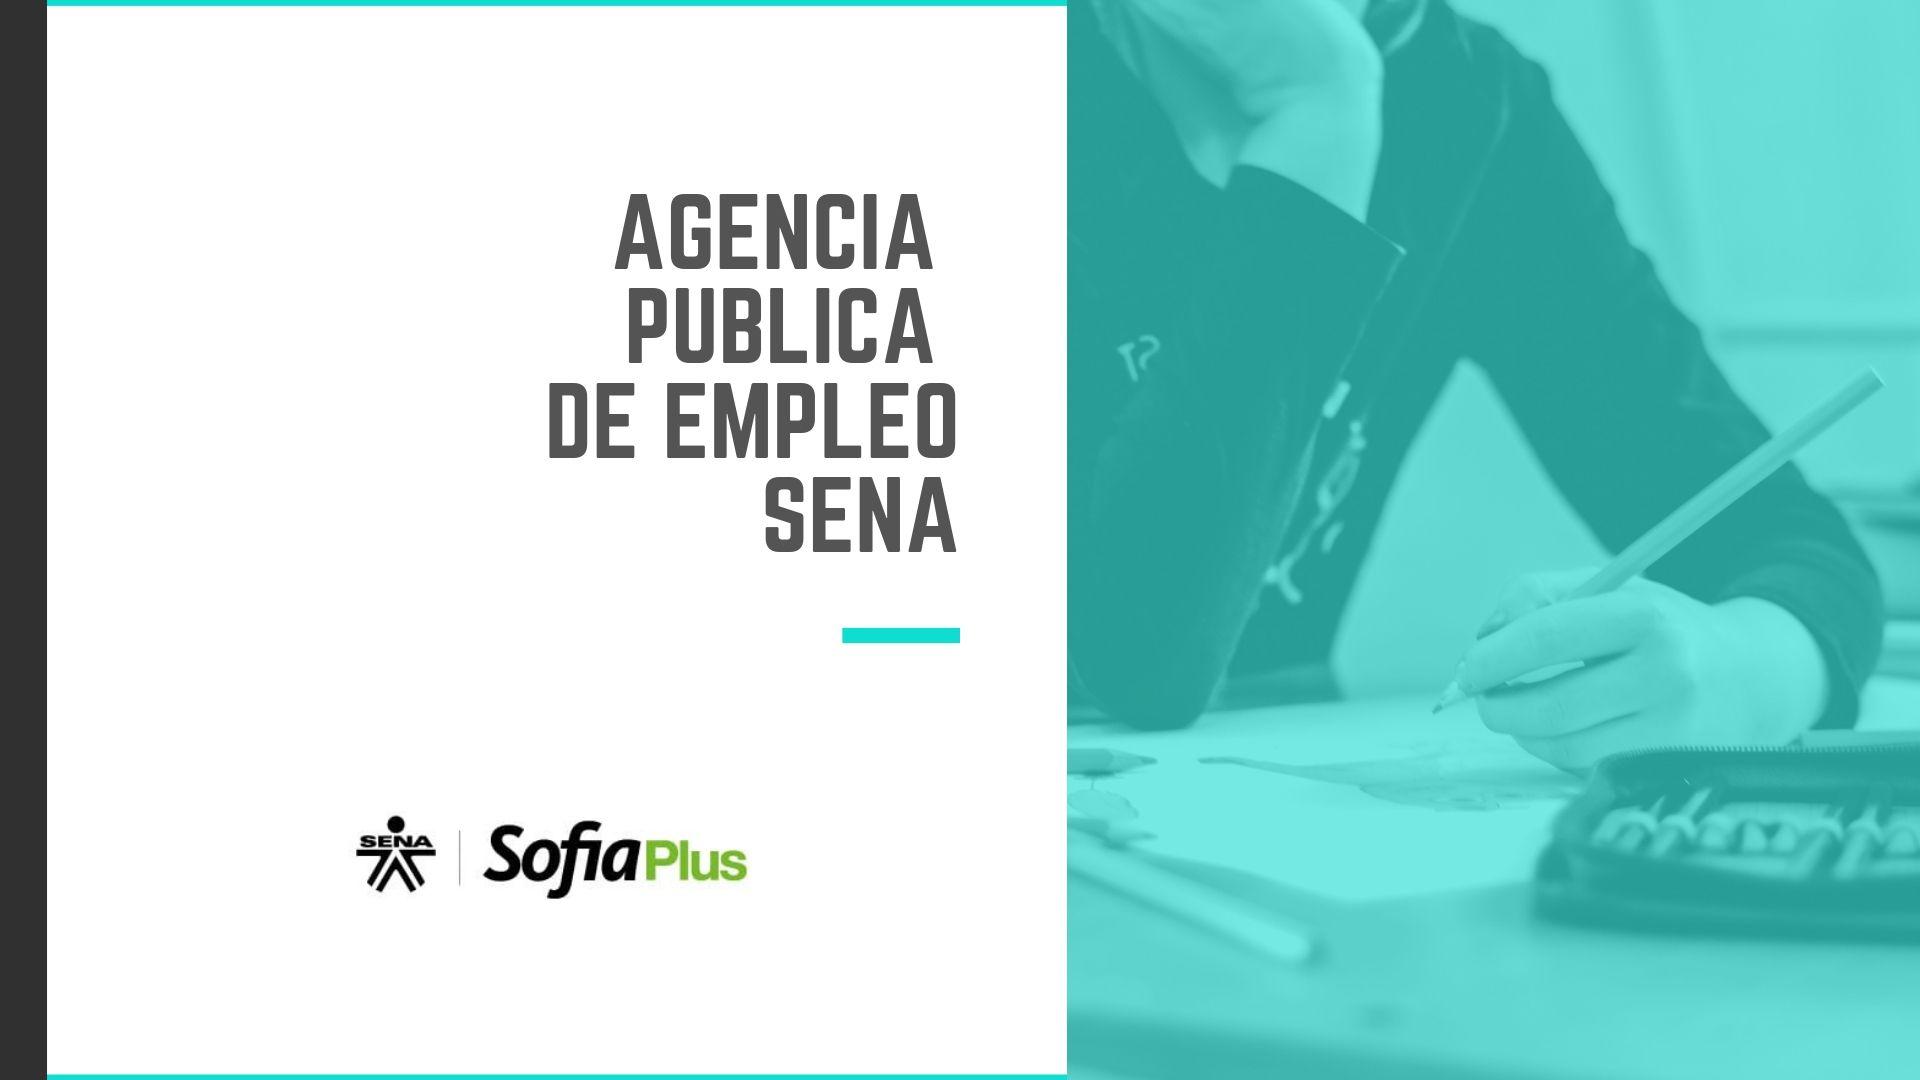 Sofia Plus SENA - Agencia Pública de Empleo